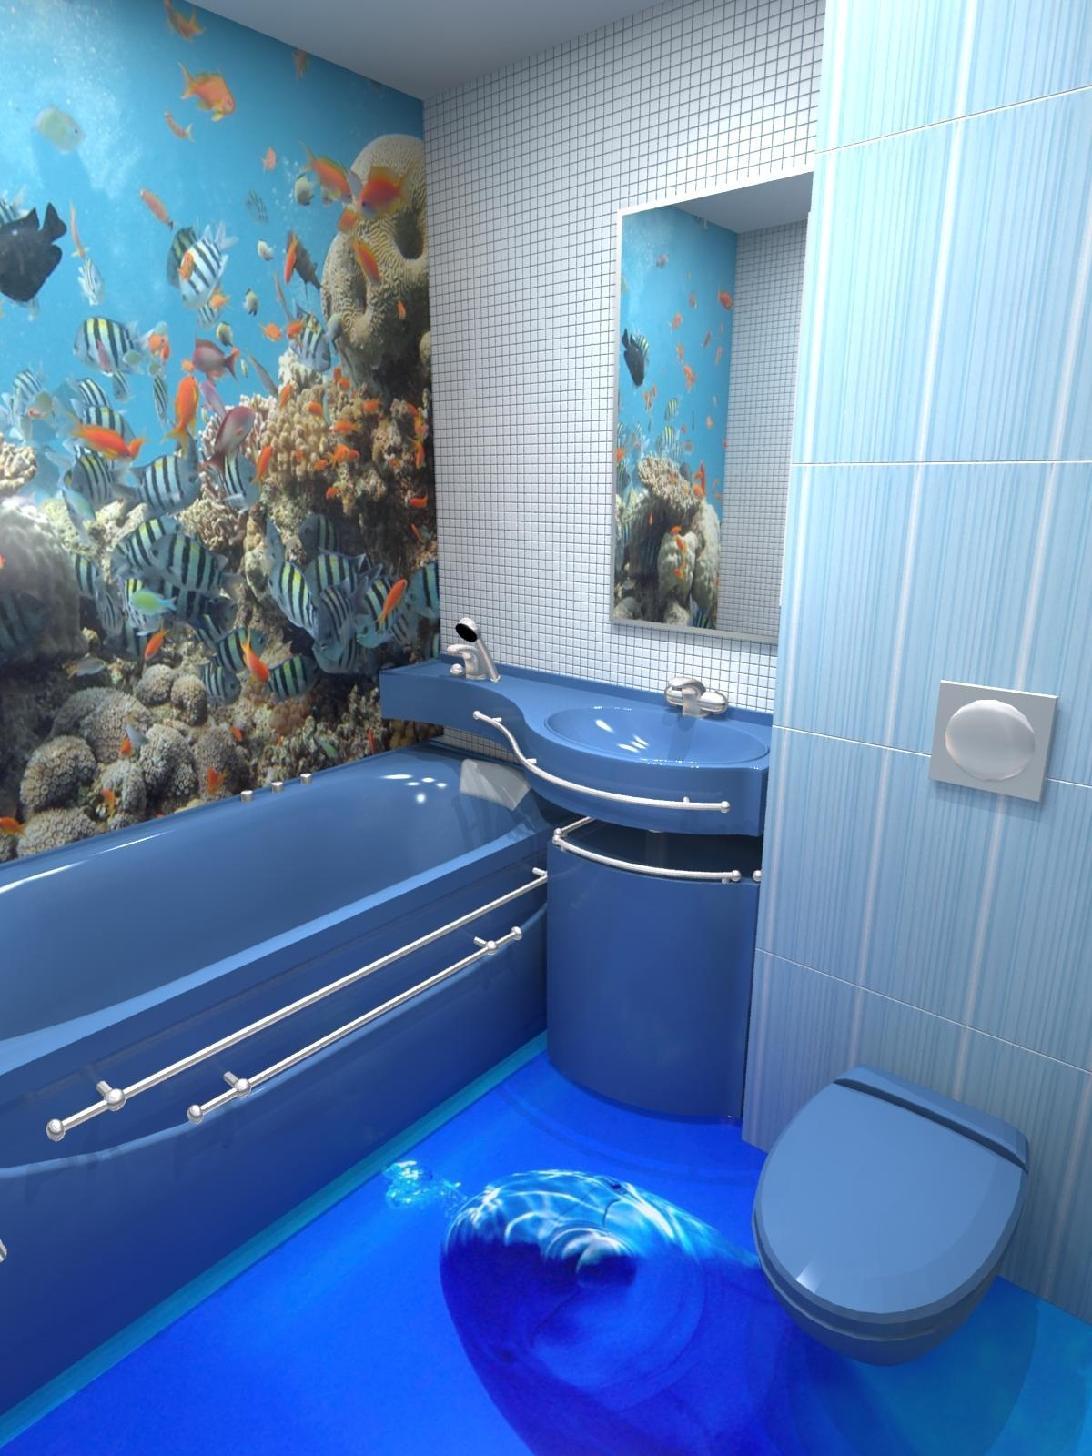 наливной пол ванной в хрущёвке - ремонт ванной комнаты в хрущевке